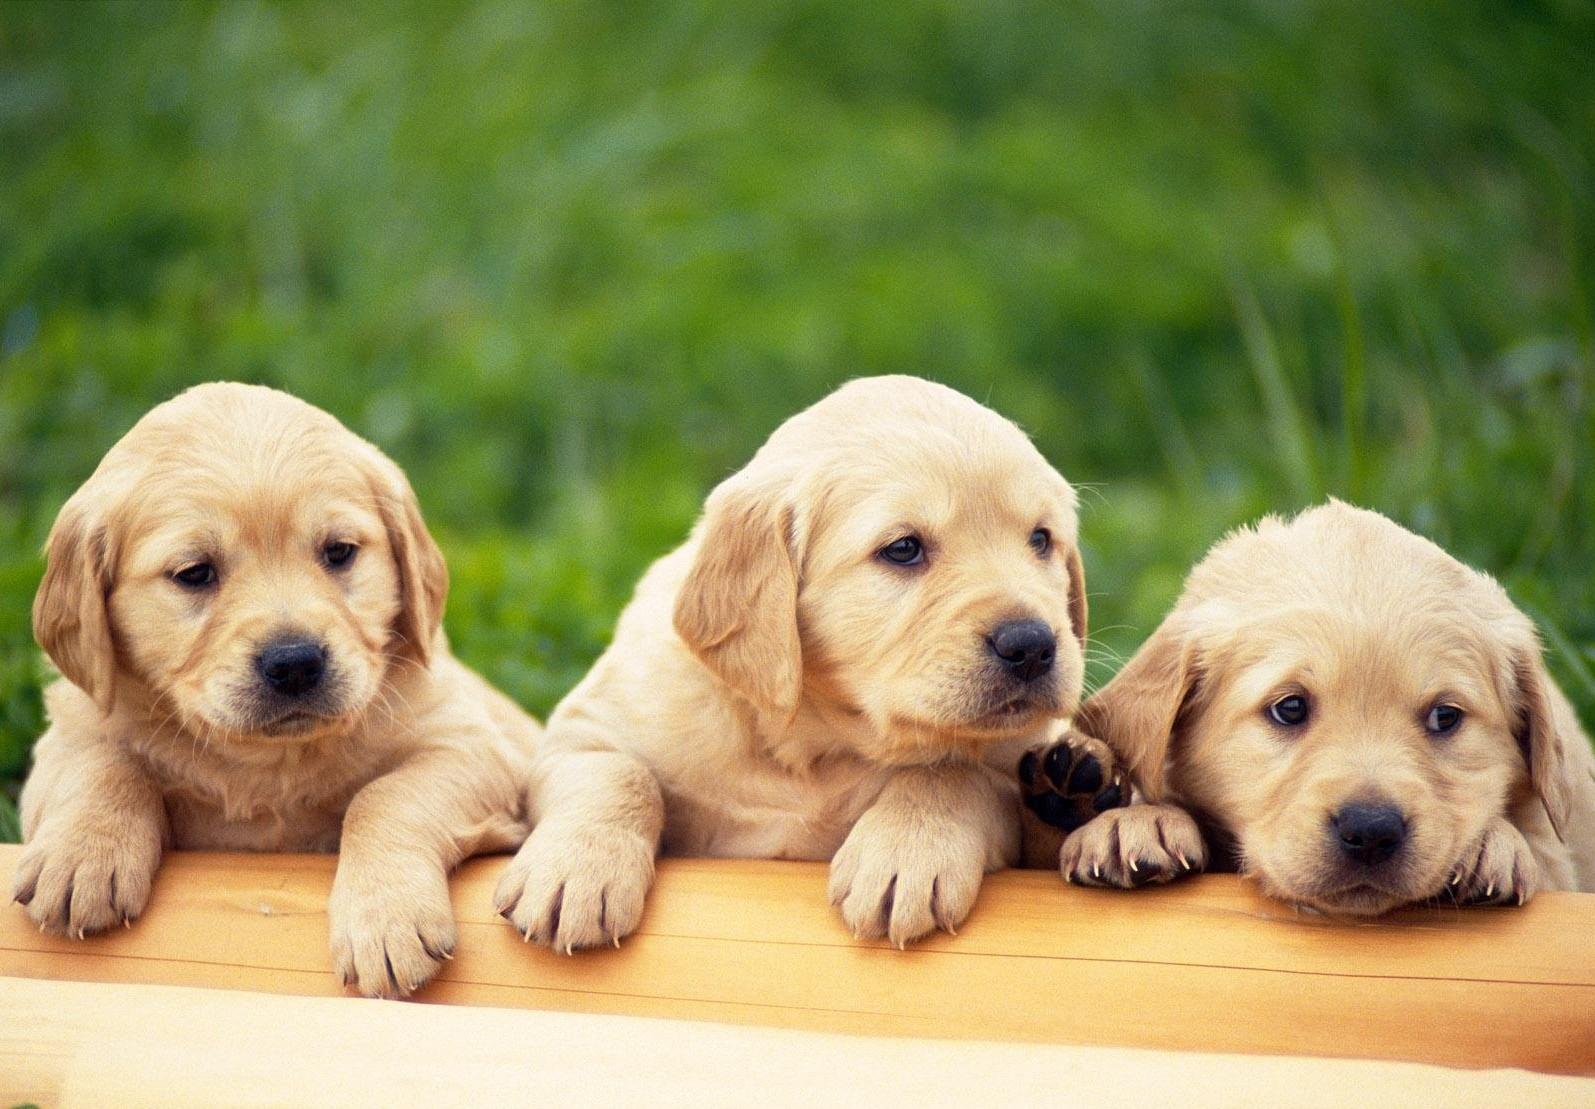 Gambar Wallpaper Keren: Koleksi Gambar Anjing dan Anak Anjing Lucu